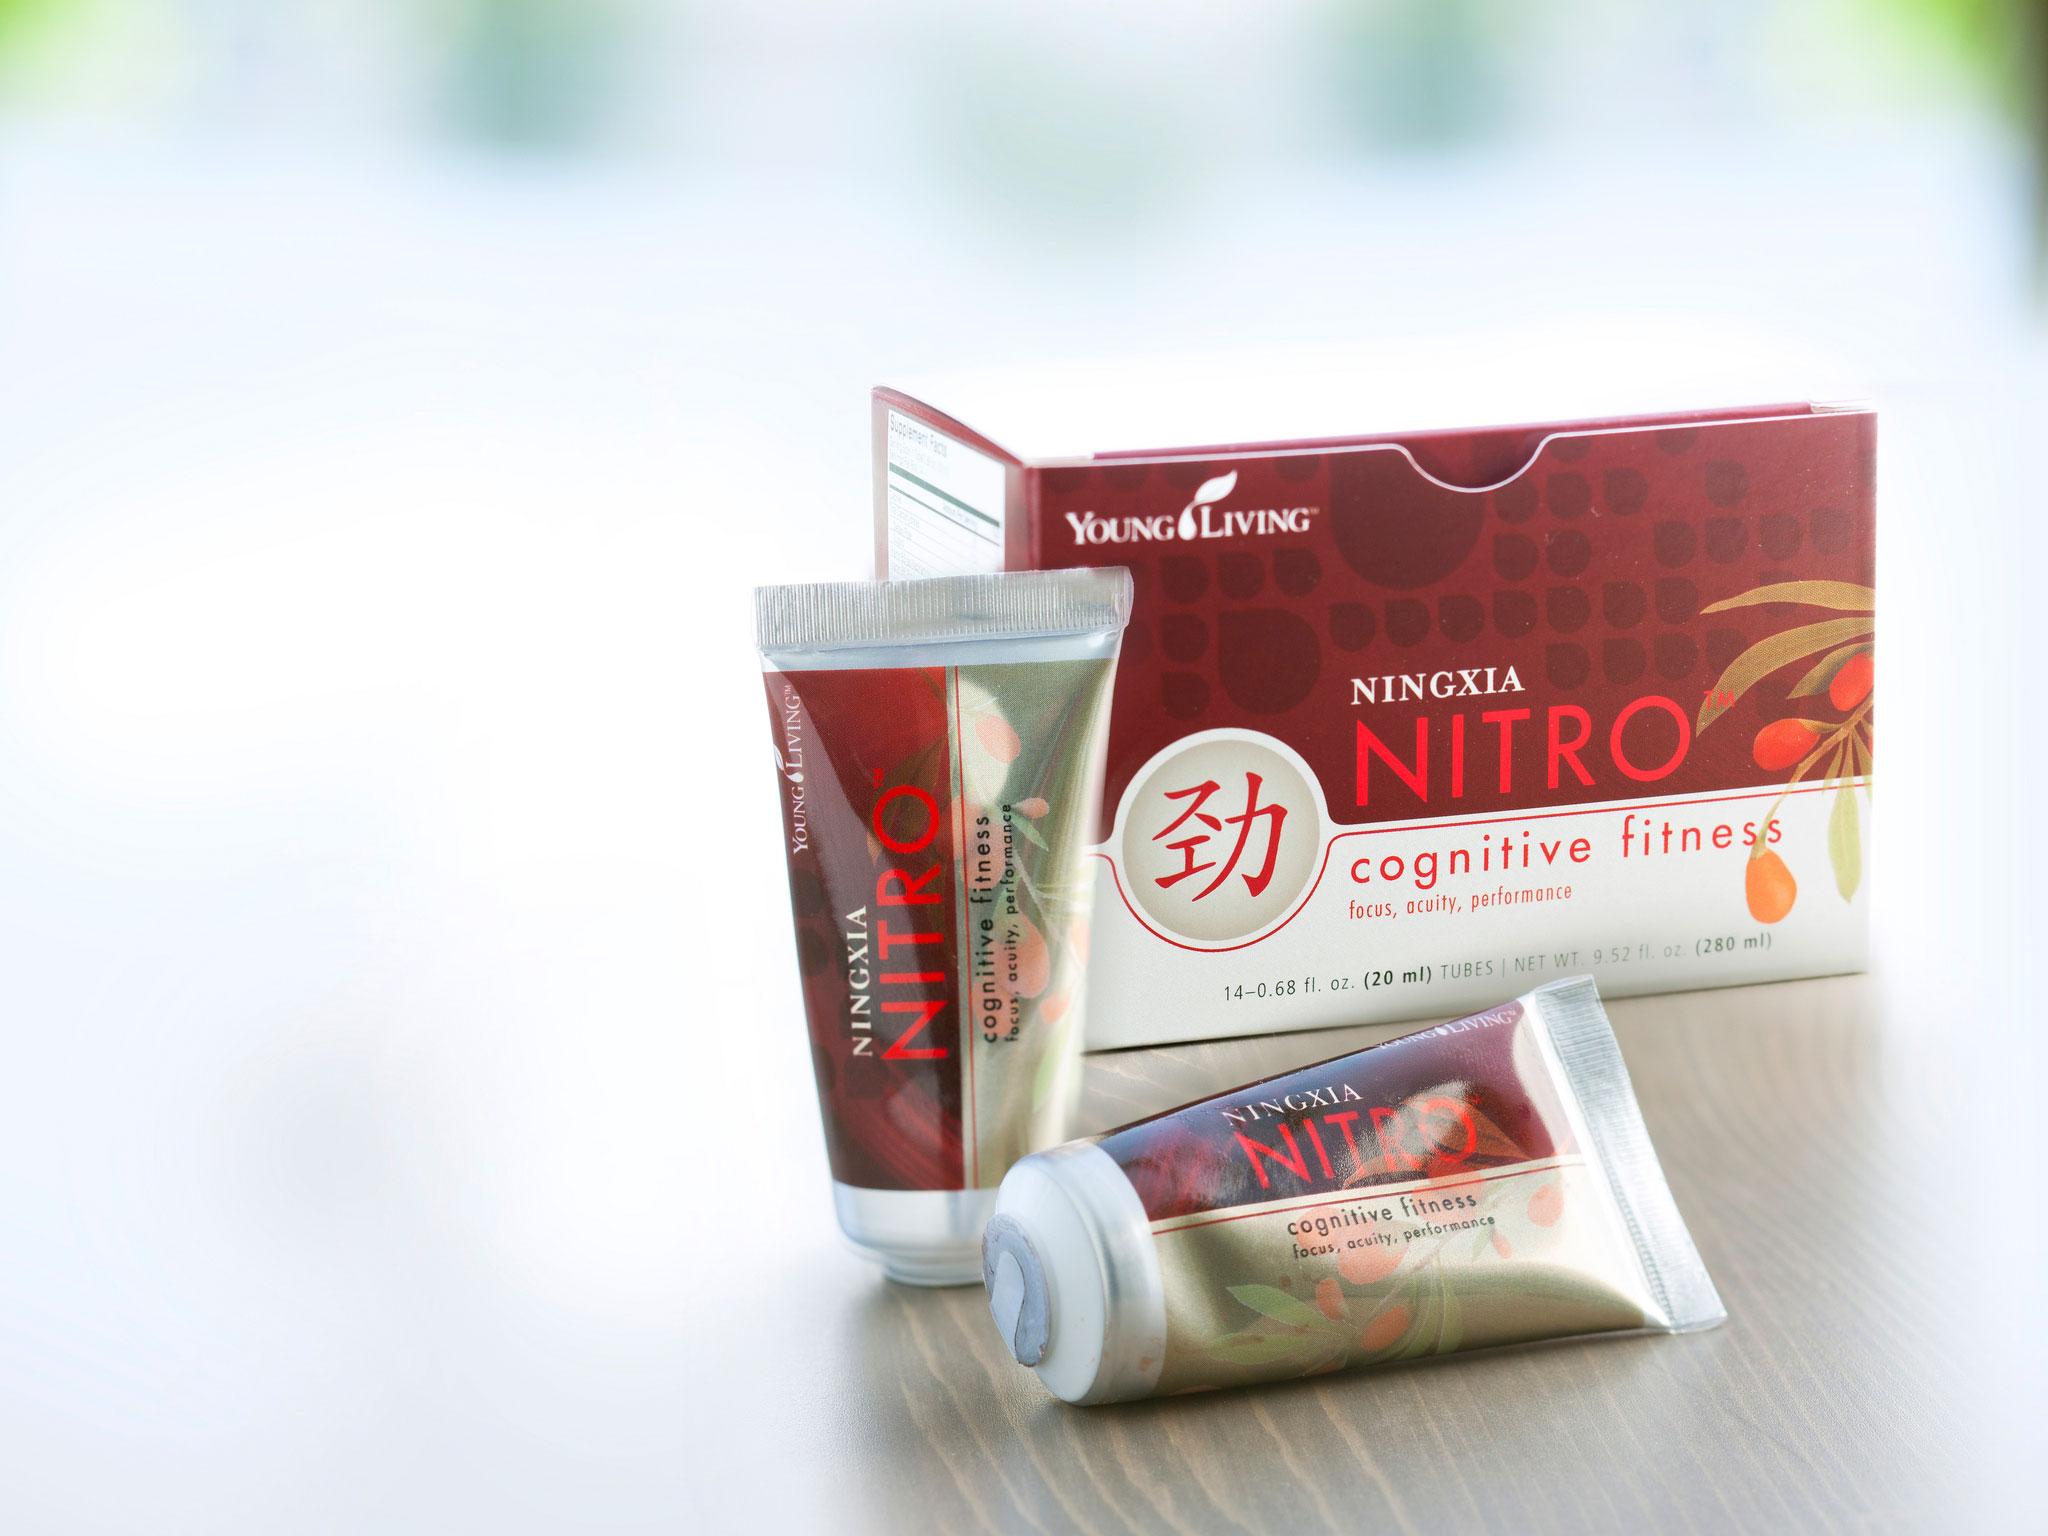 Ningxia Nitro™